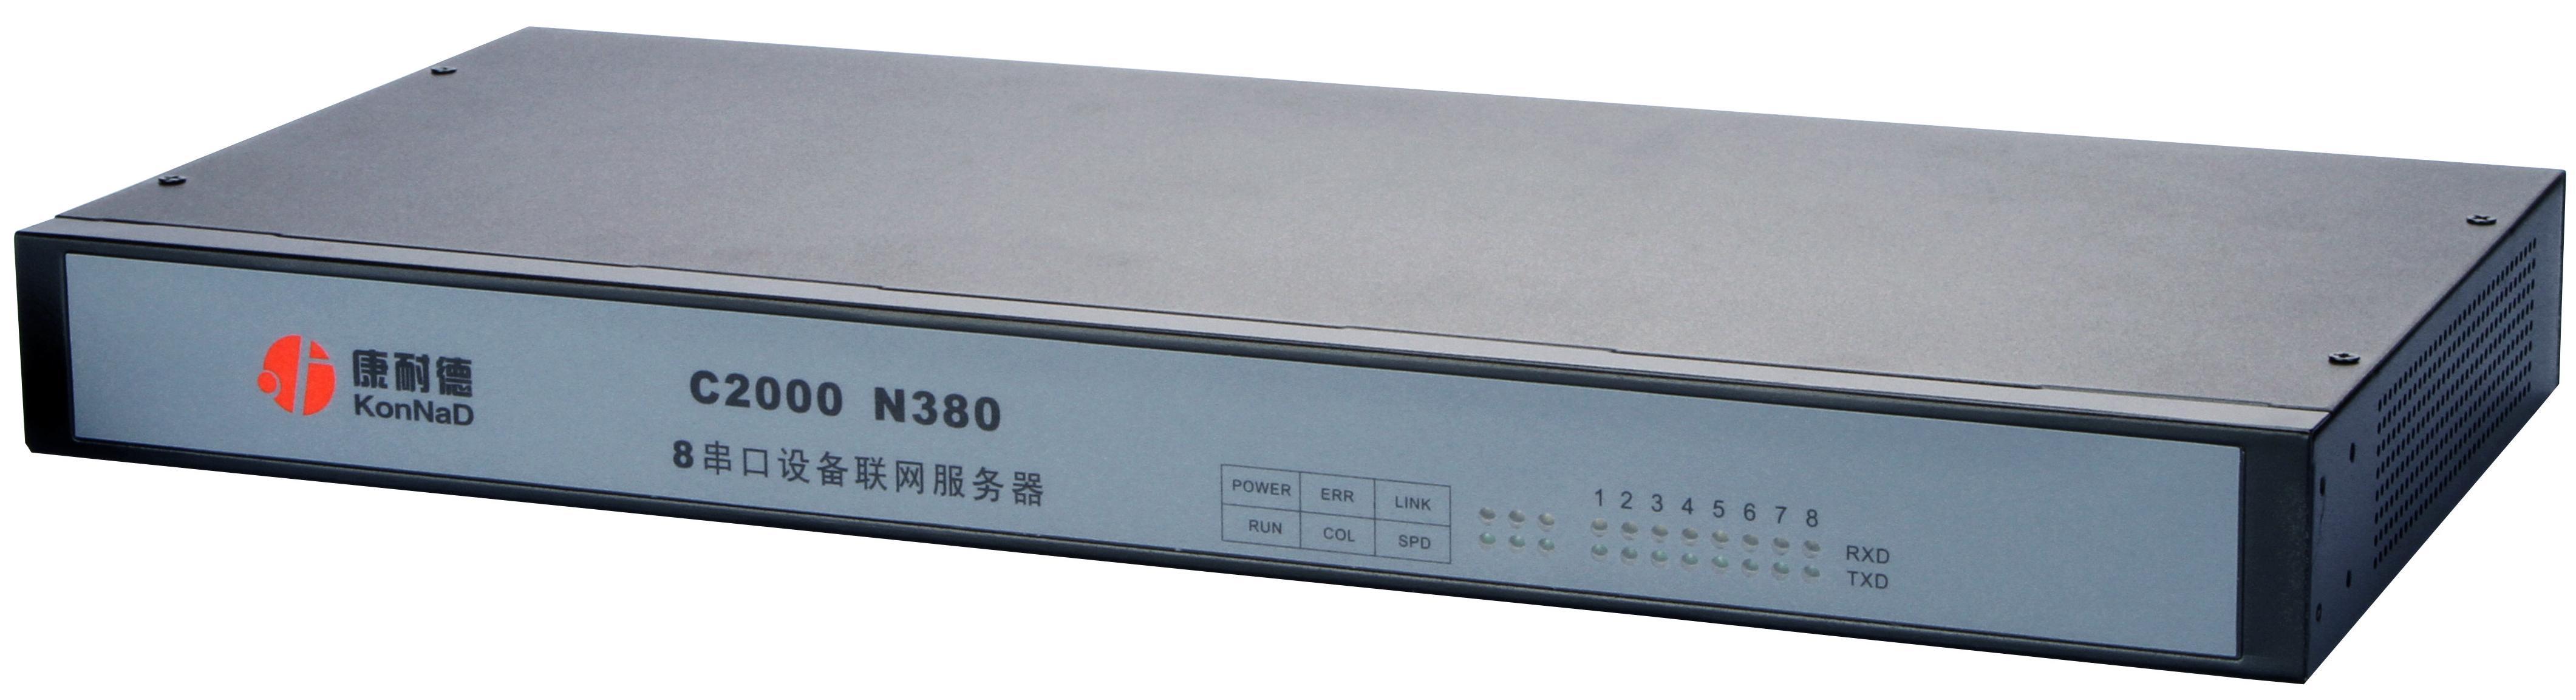 八串口设备联网服务器 C2000 N380